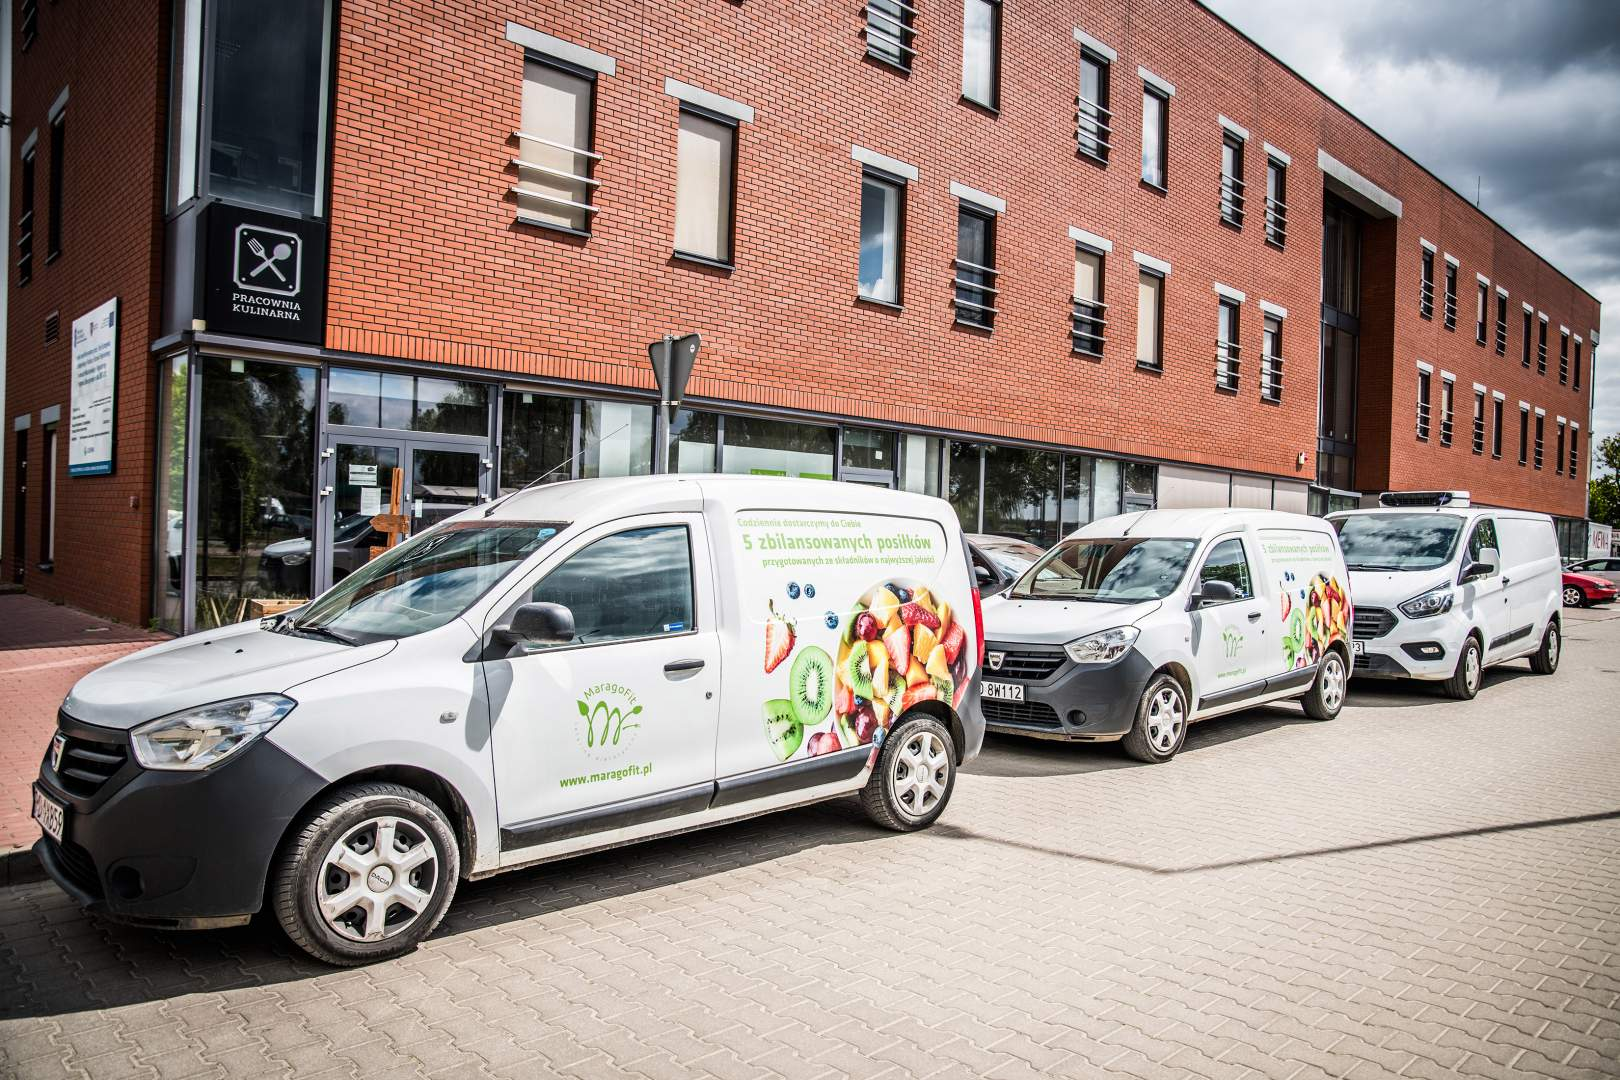 Flota pojazdów dostarczających dietę pudełkową i catering dietetyczny Marago Fit do Twojego domu